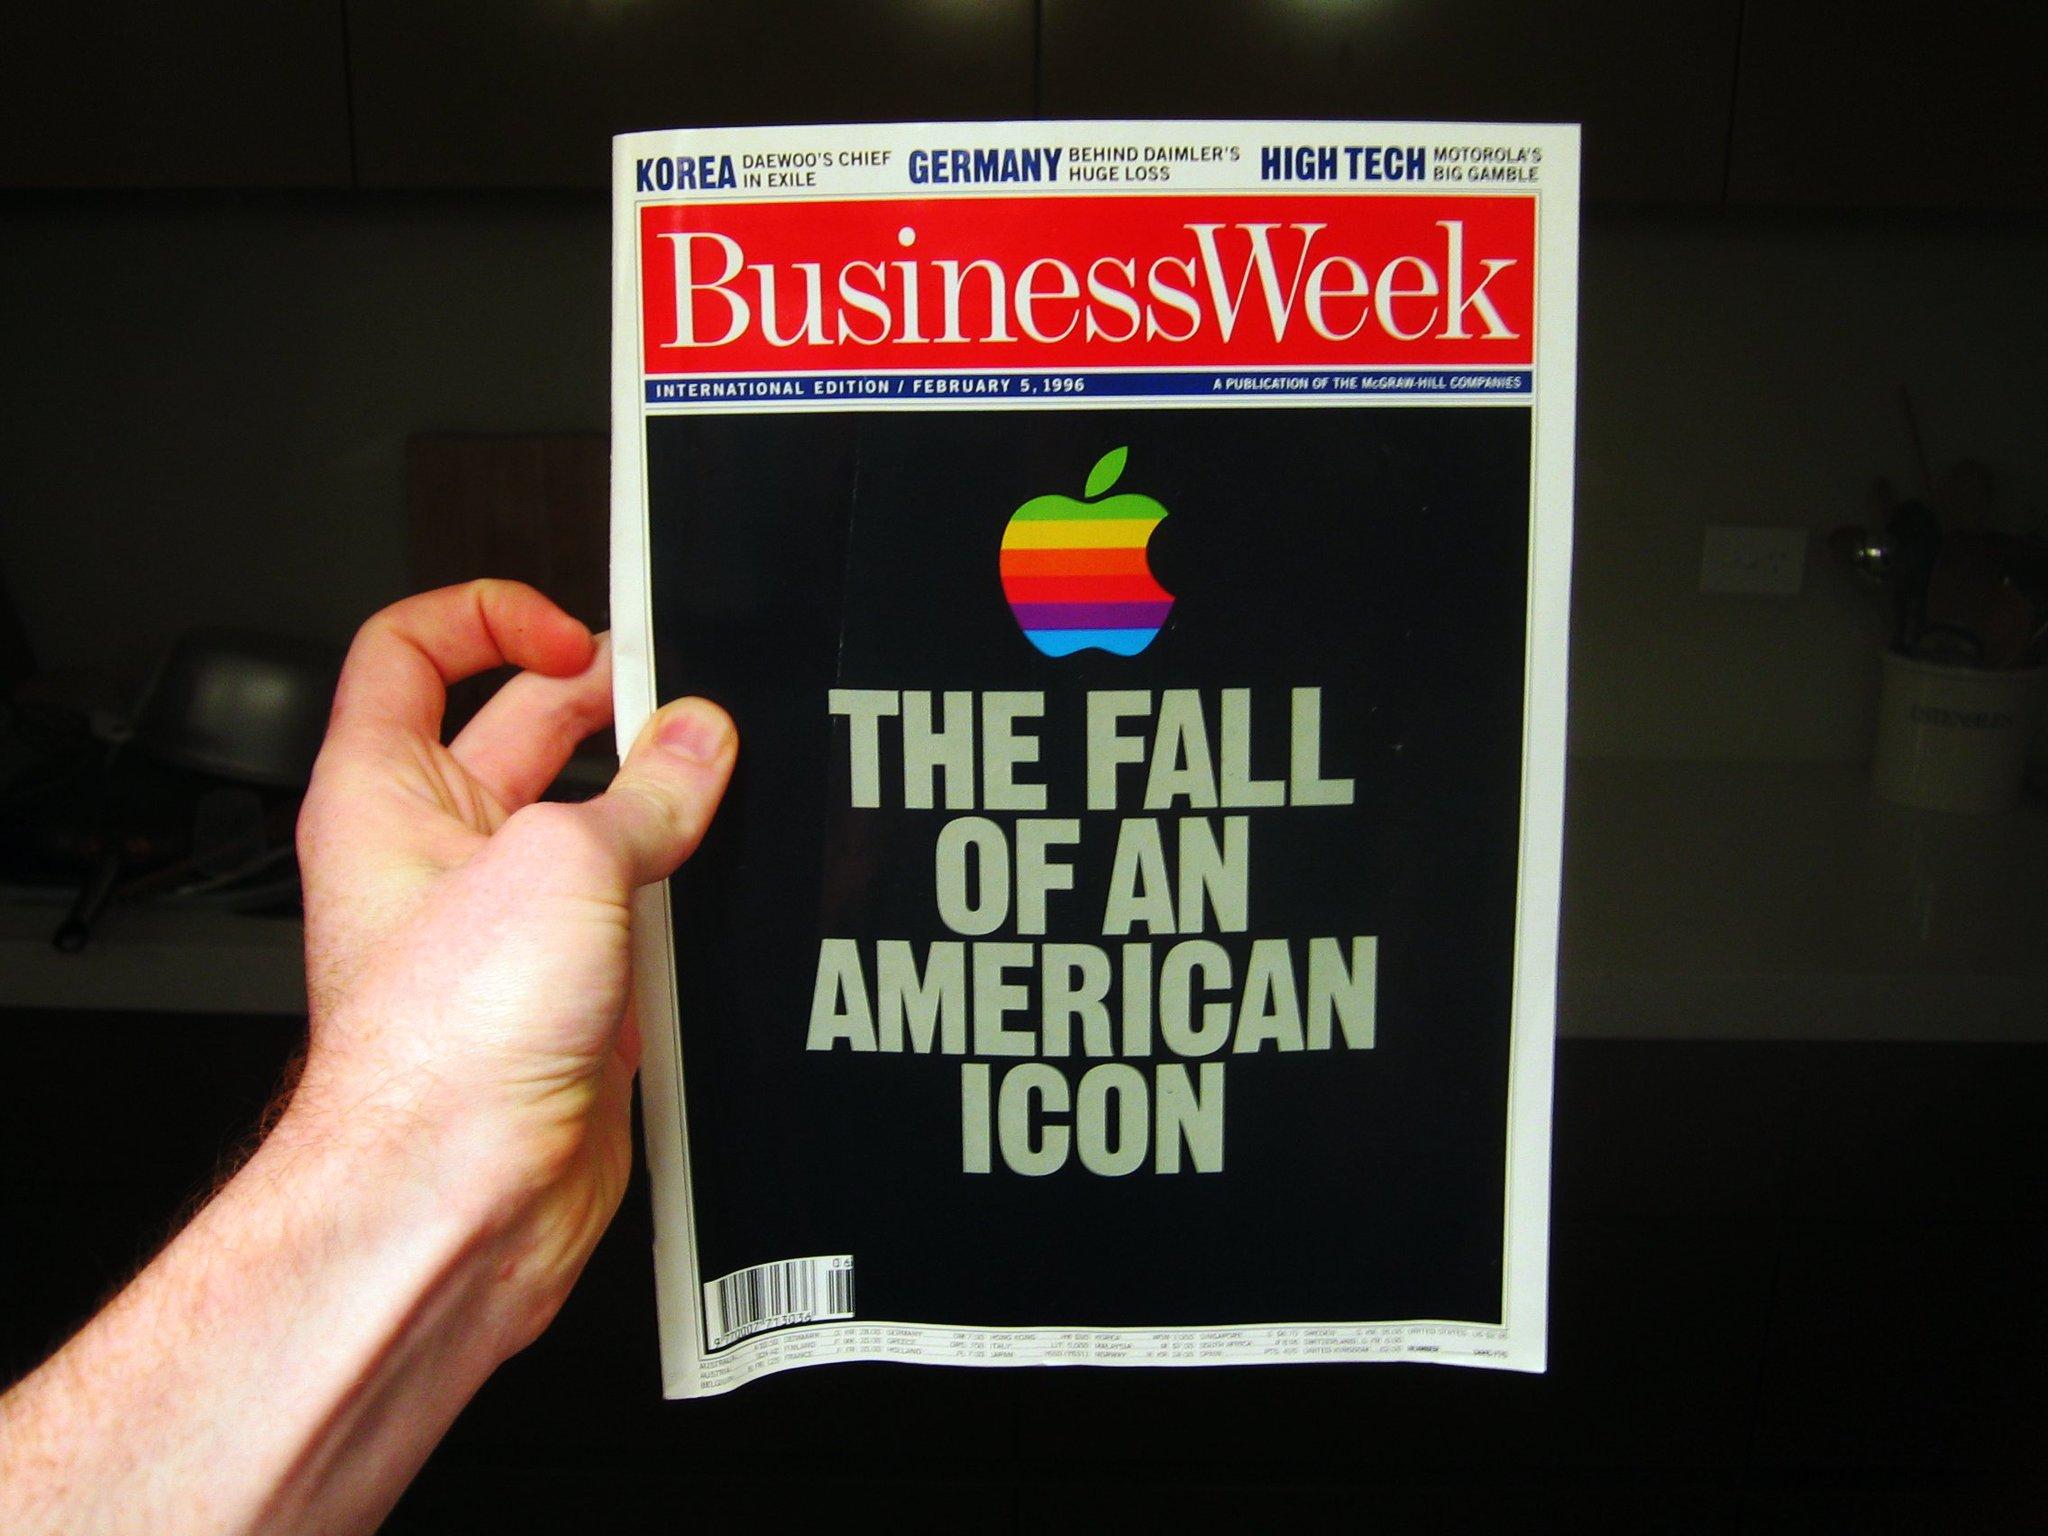 BusinessWeek: La caída de un símbolo americano